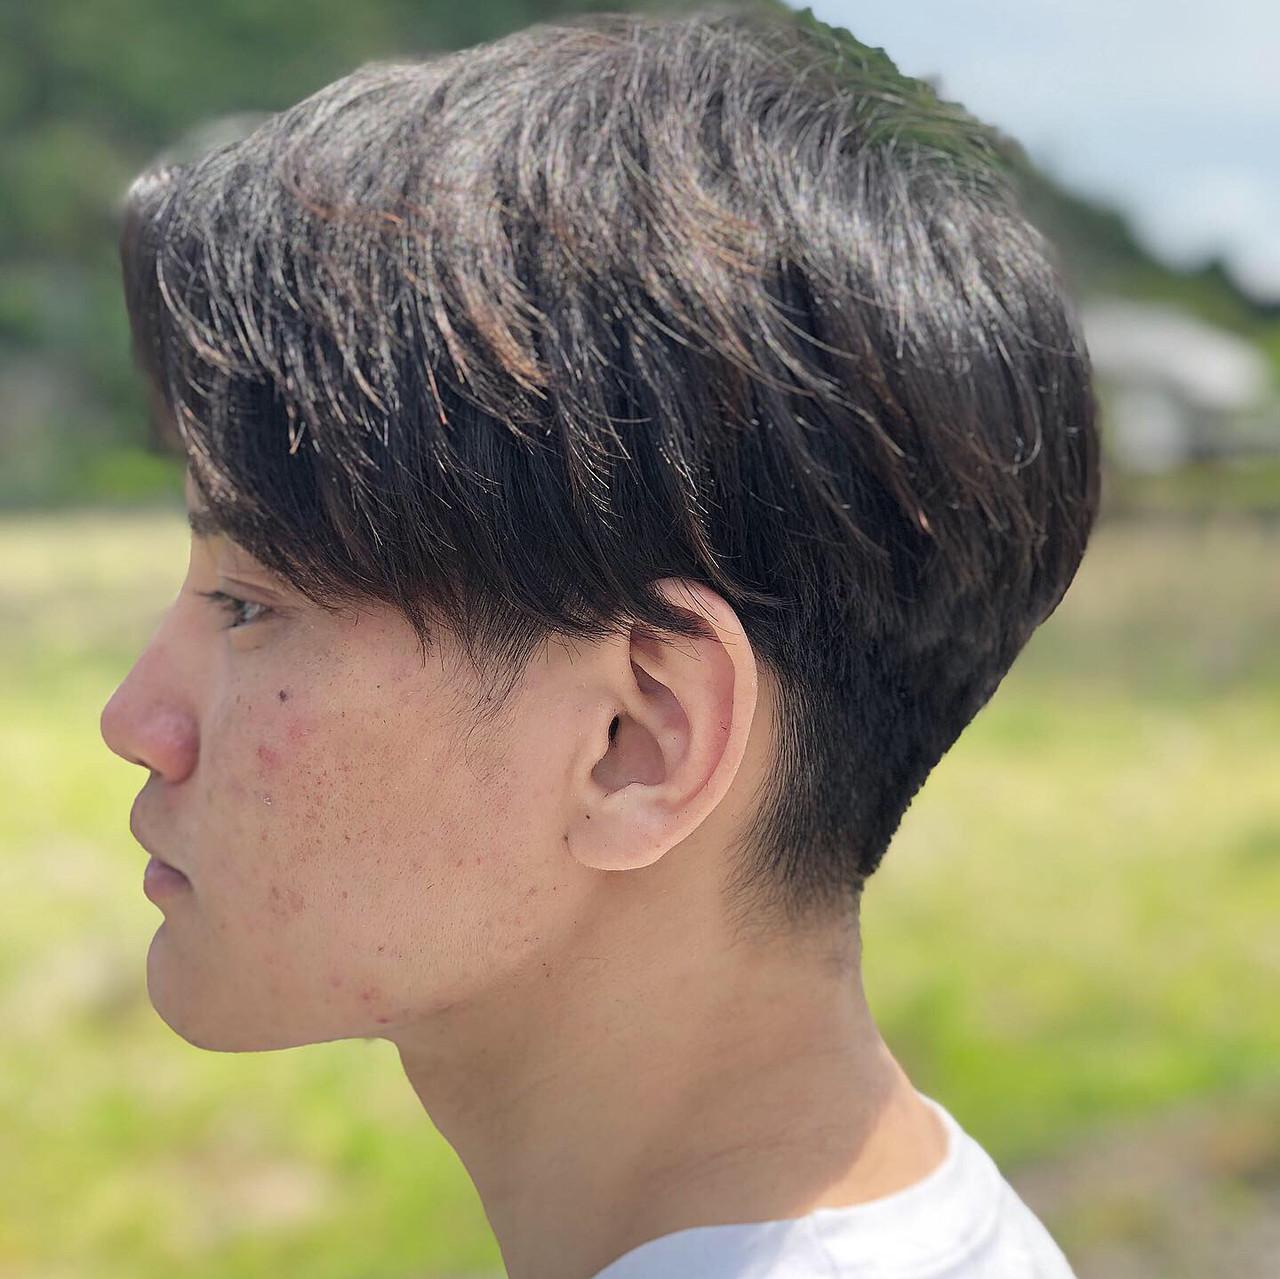 黒髪 モード メンズカット メンズヘア ヘアスタイルや髪型の写真・画像 | 堀川 加偉 / imaii scaena×colore